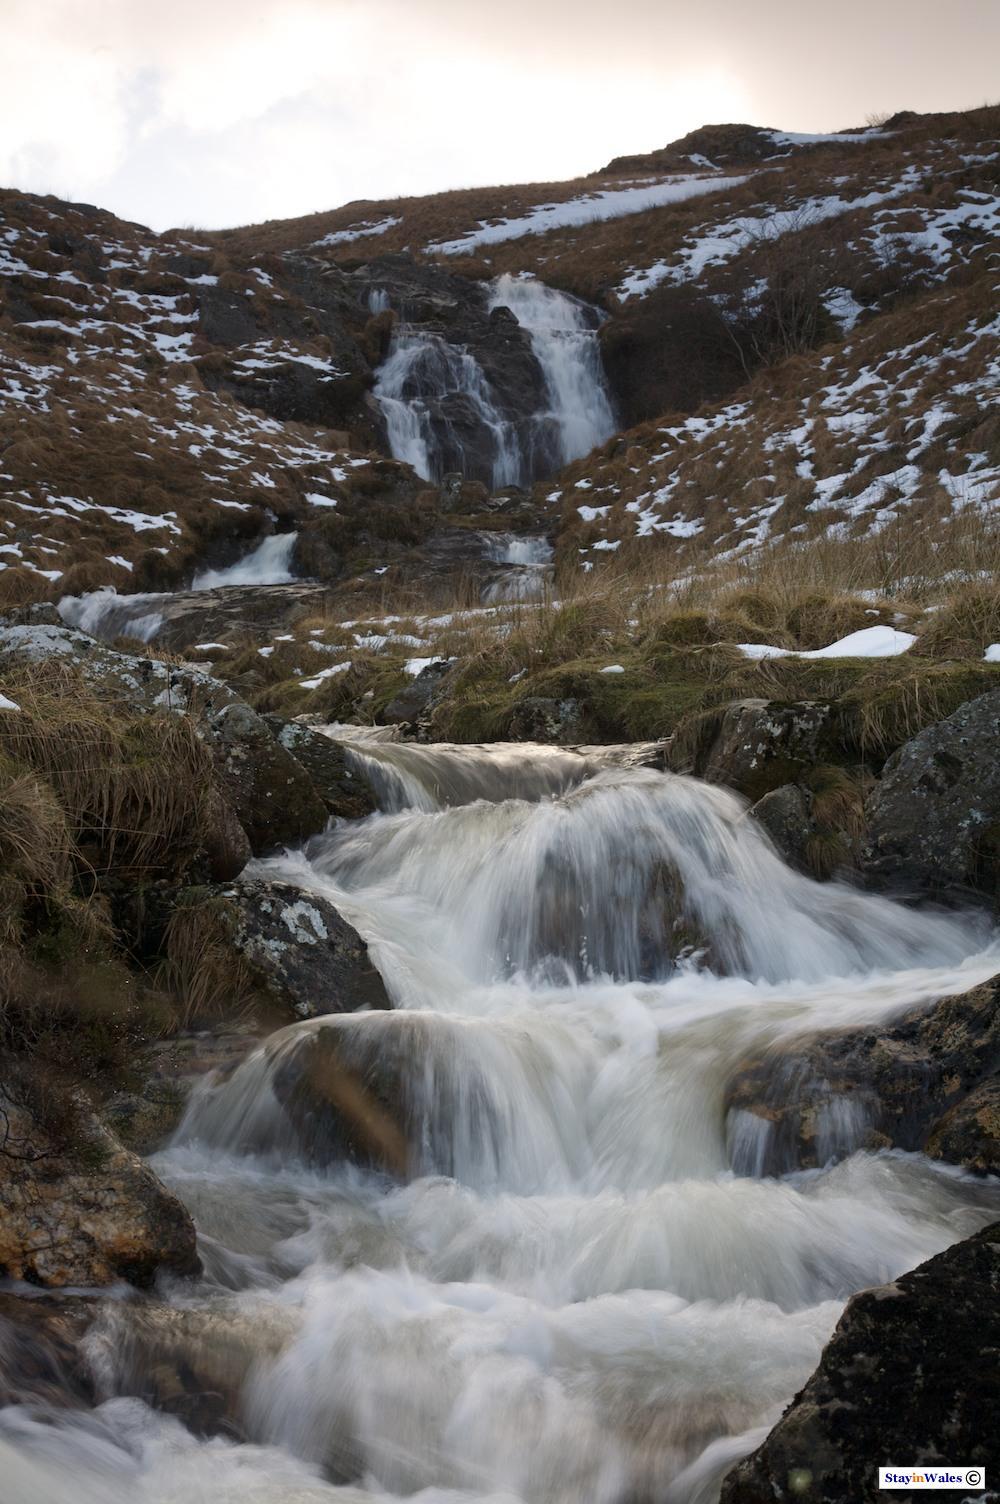 Nant Paradwys waterfall